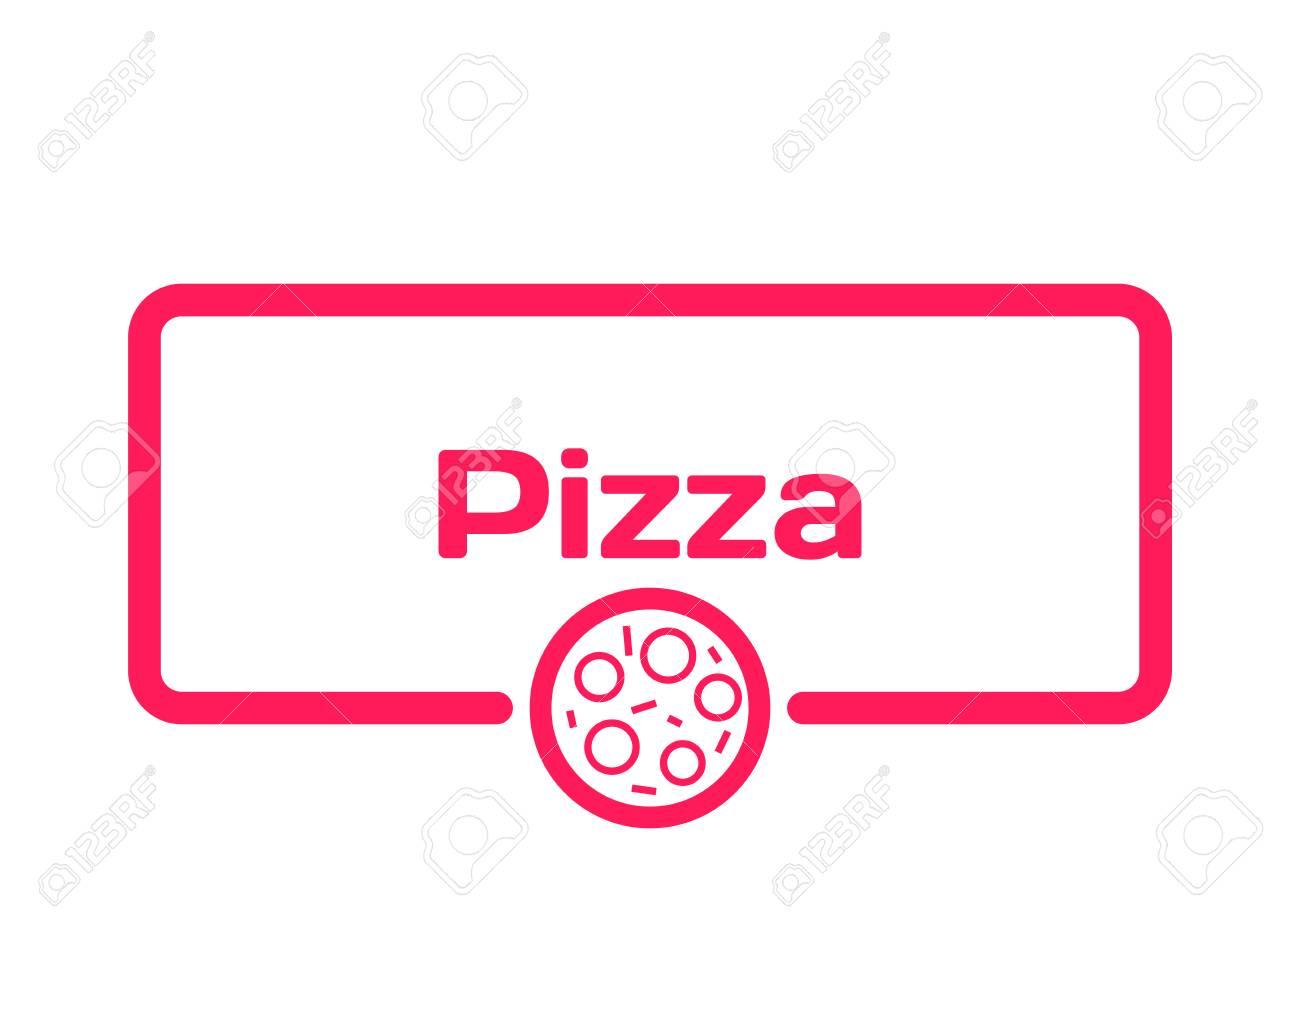 Bolla Di Dialogo Del Modello Di Pizza In Stile Piano Su Priorità Bassa Bianca Base Con Icona A Tema Per Varie Parole Di Trama Timbro Per Citazioni